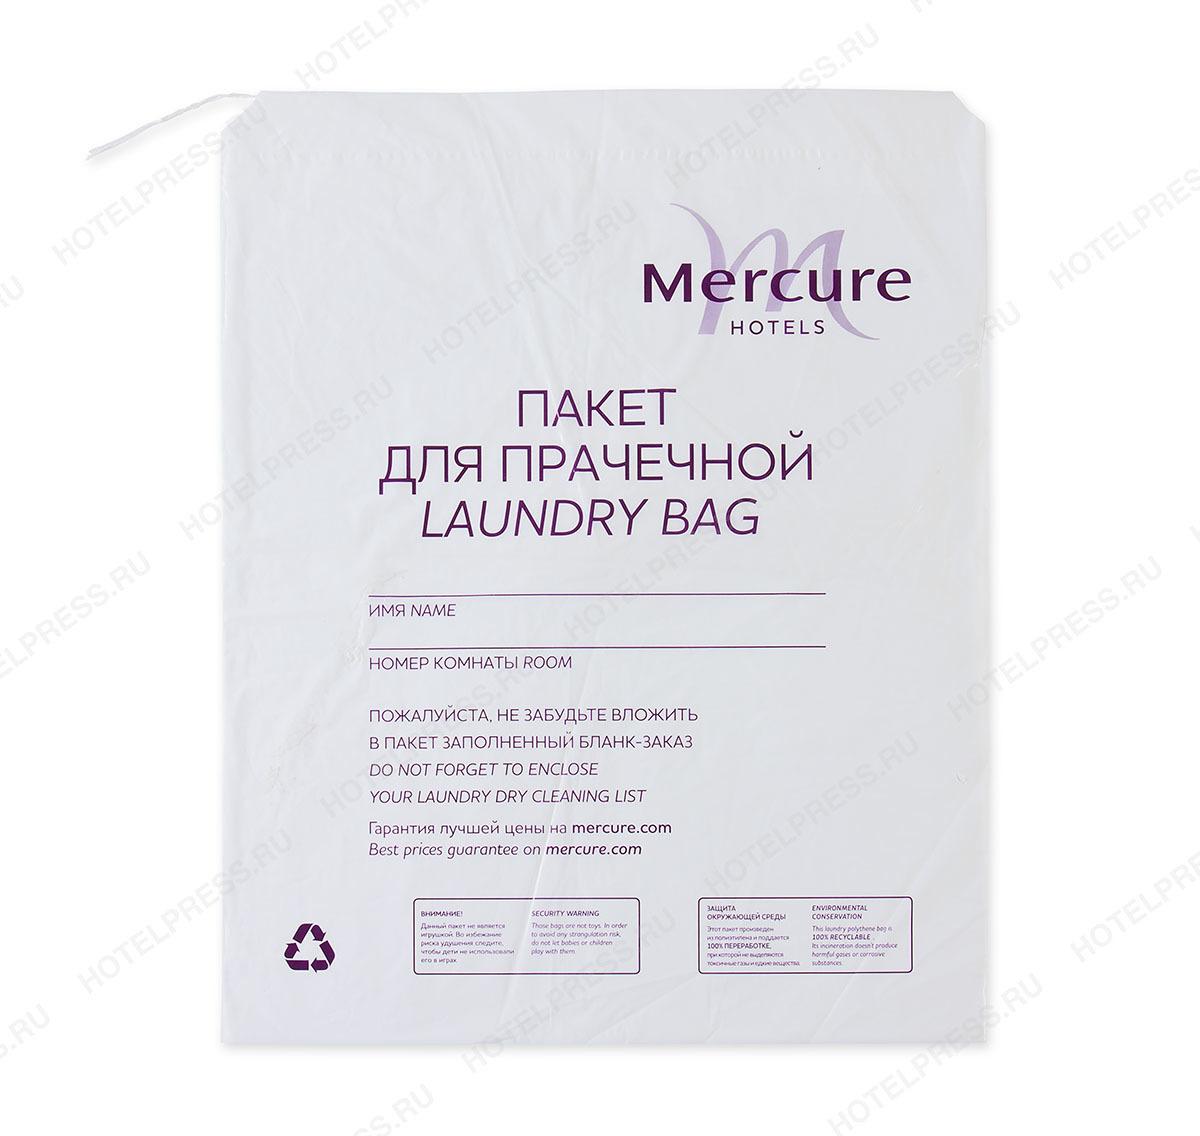 Пластиковый пакет для прачечной отеля Mercure